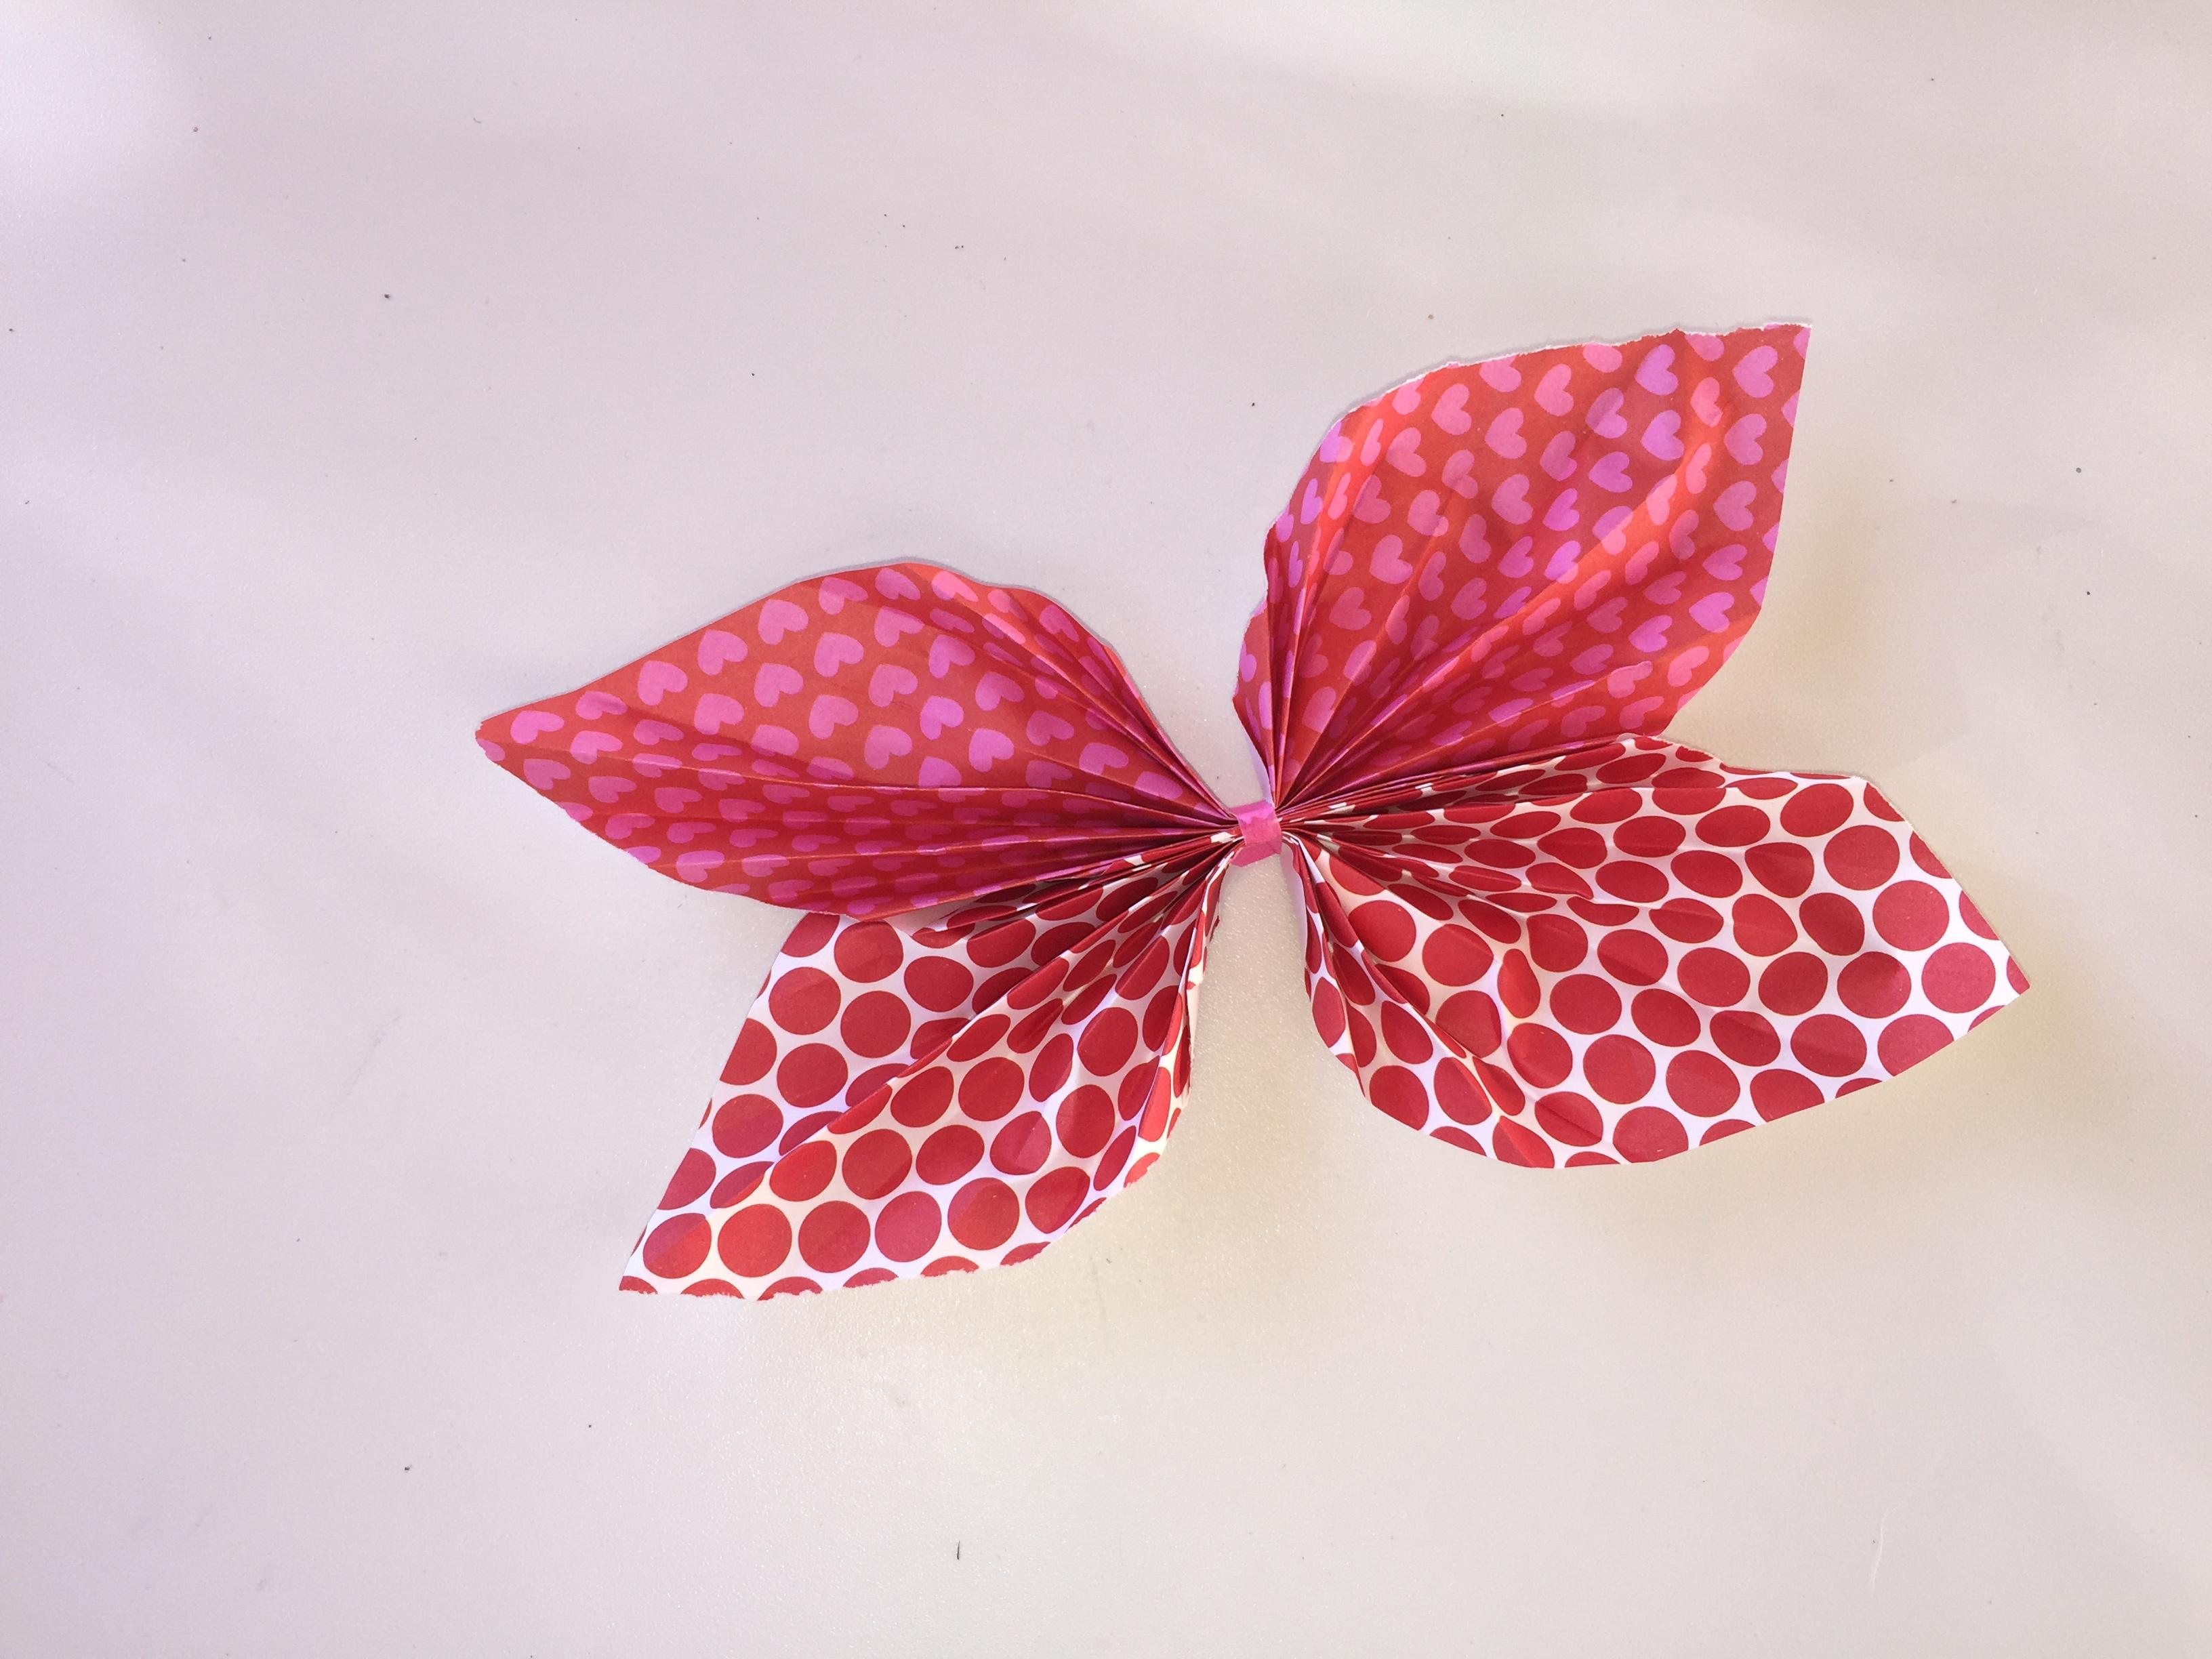 Mariposas para decorar clarimanitas - Como hacer mariposas de papel para decorar paredes ...